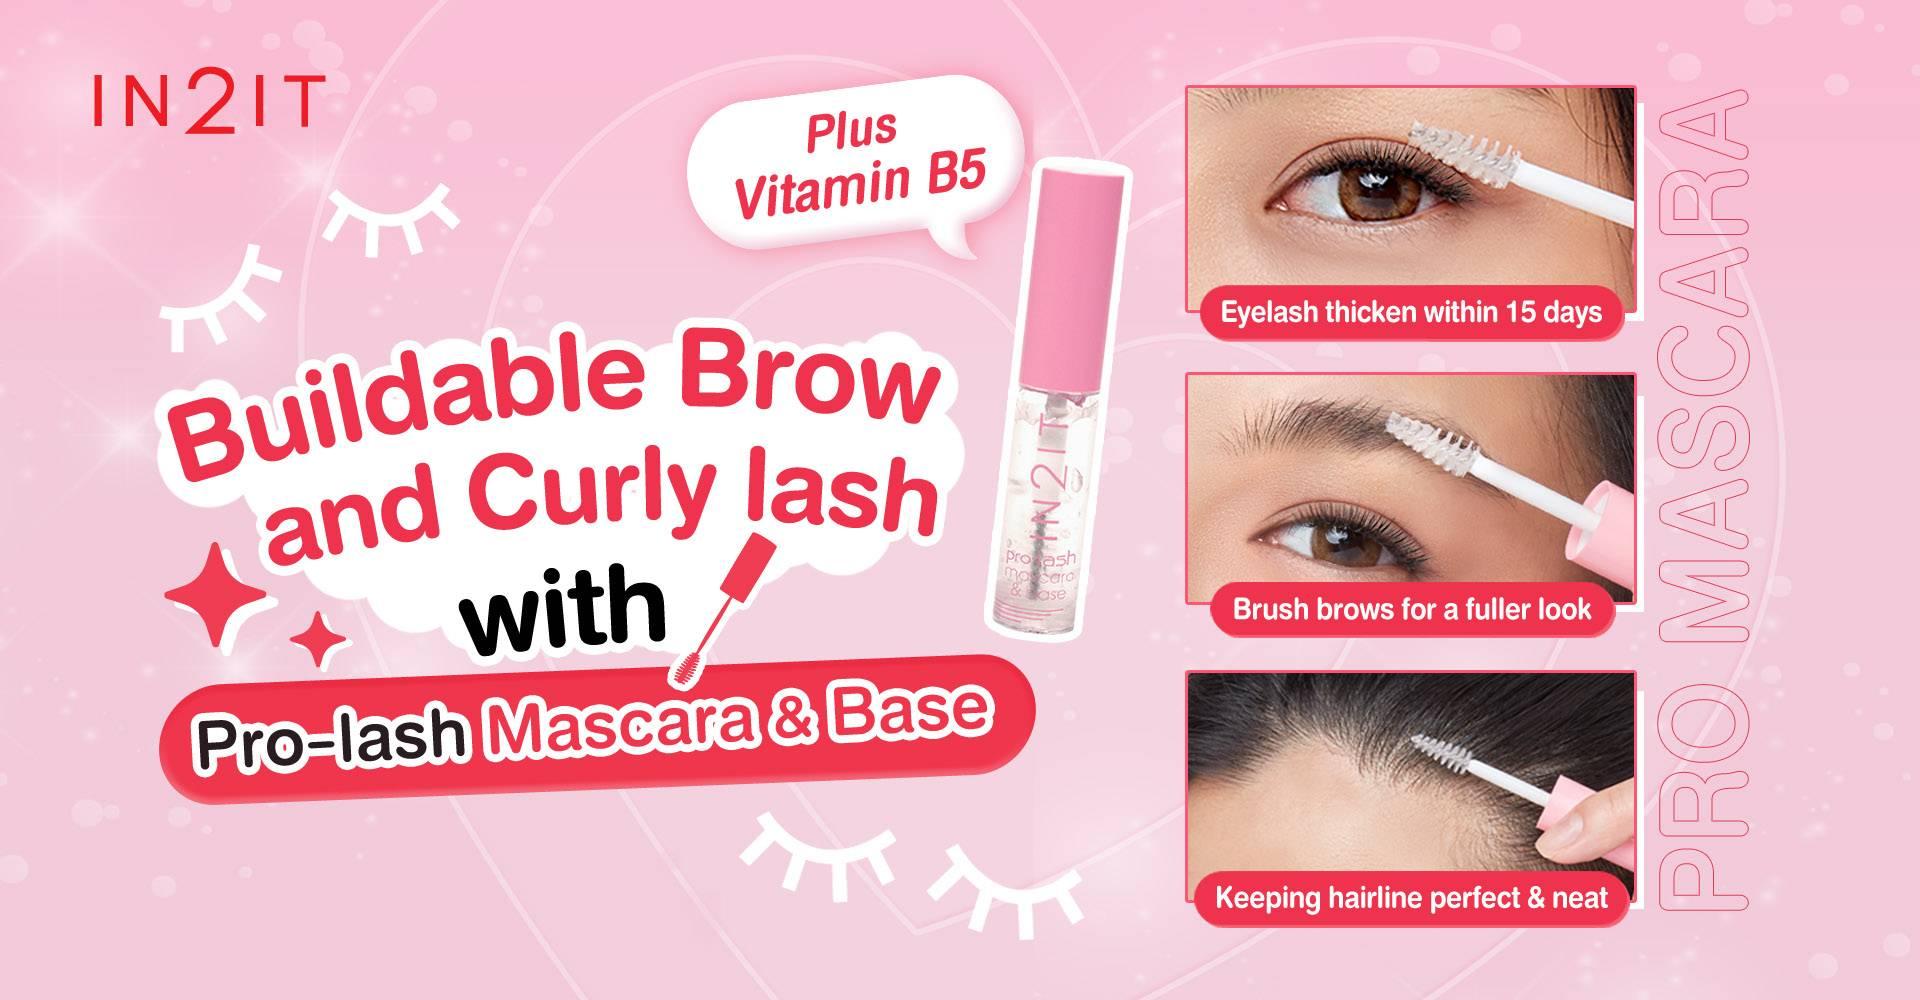 Pro-lash Mascara & Base